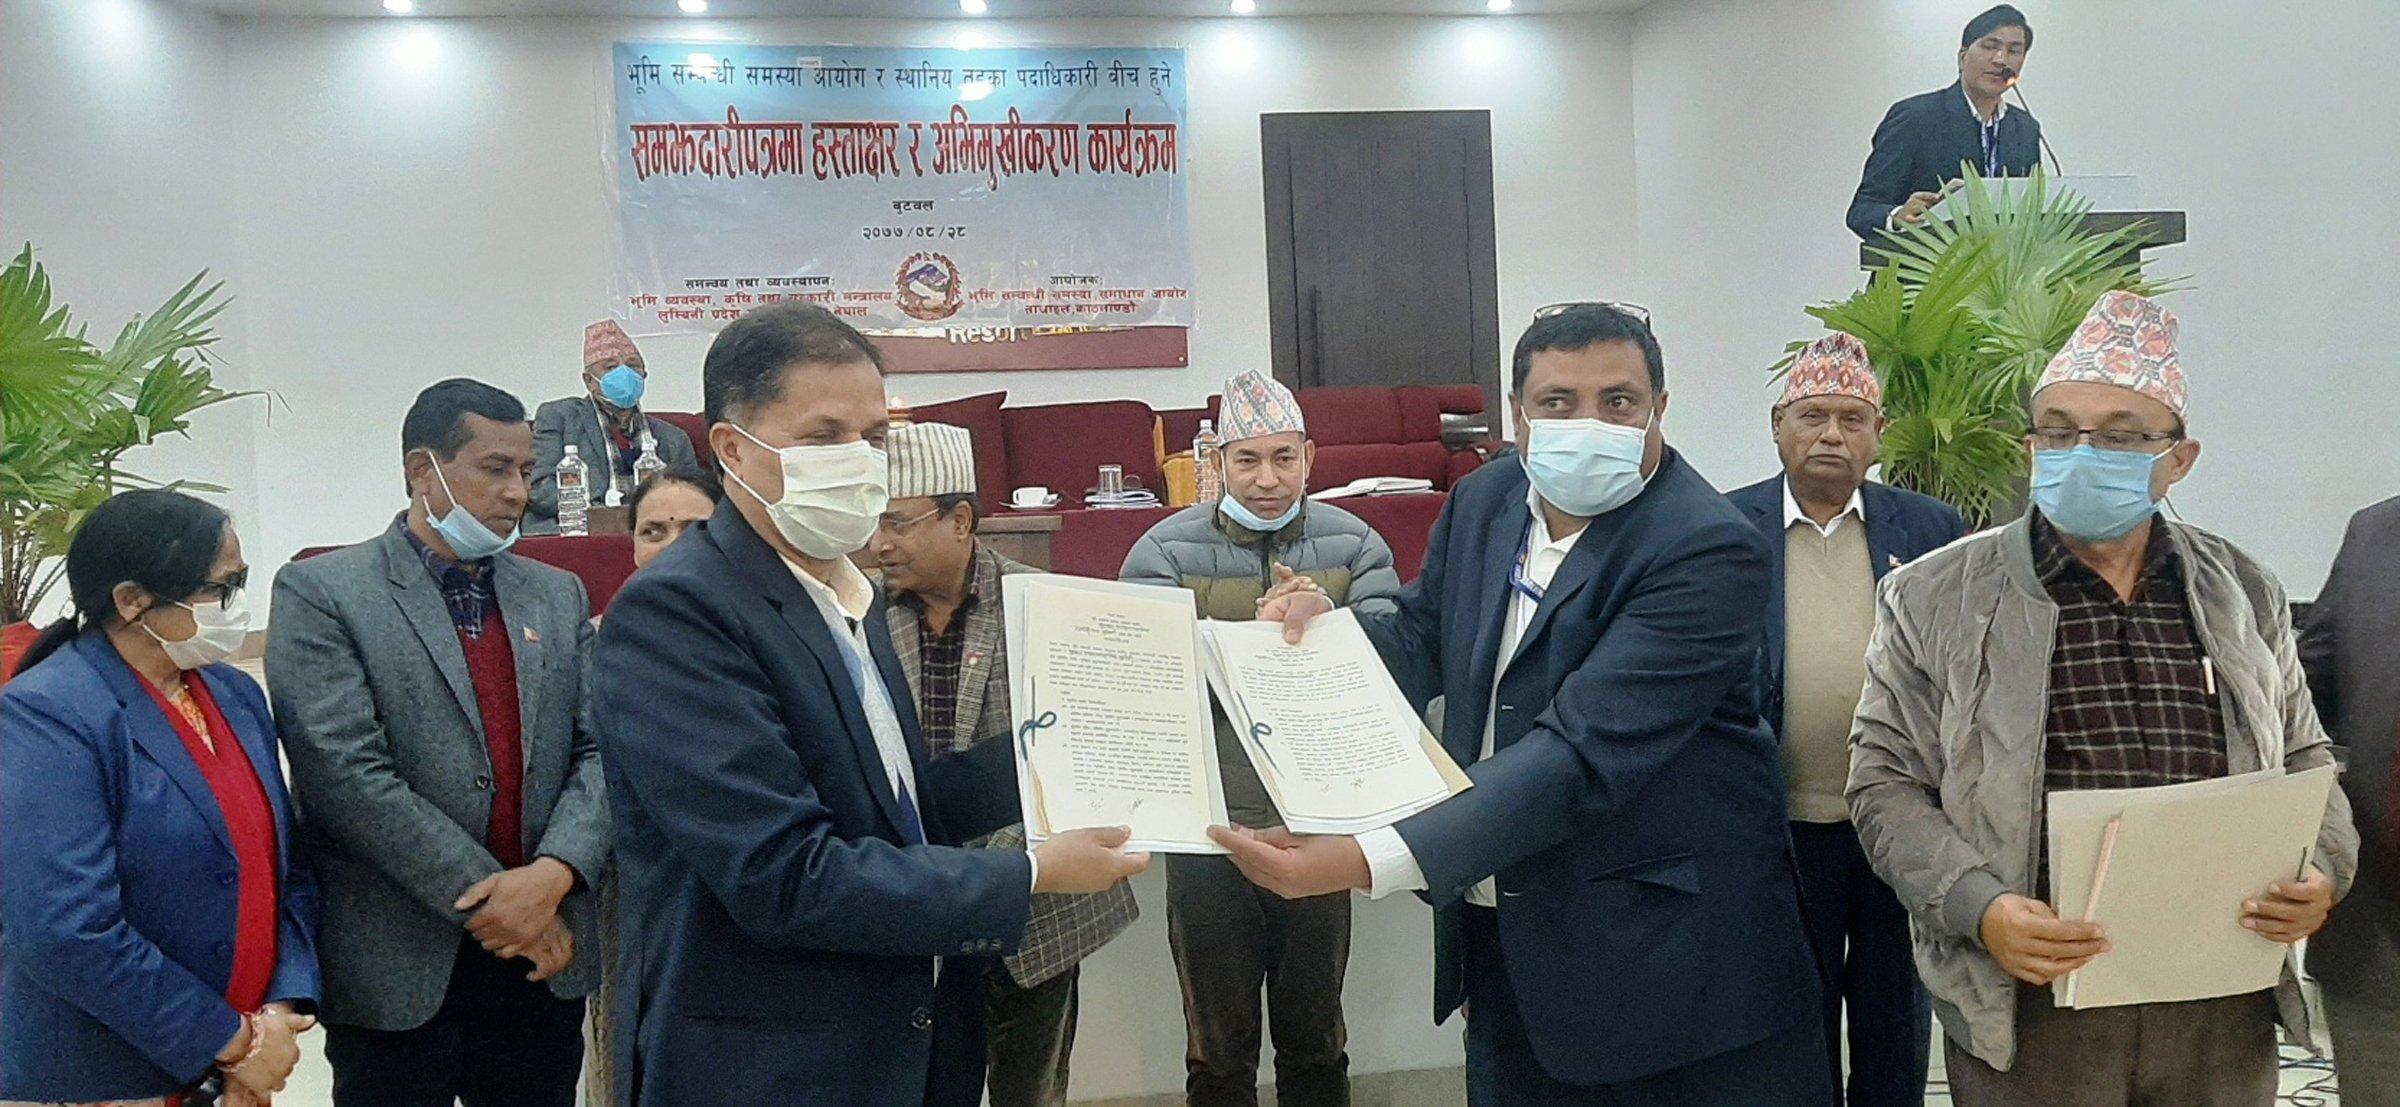 भूमि समस्या समाधानका लागि लुम्बिनीका स्थानीय तहमा काम शुरु